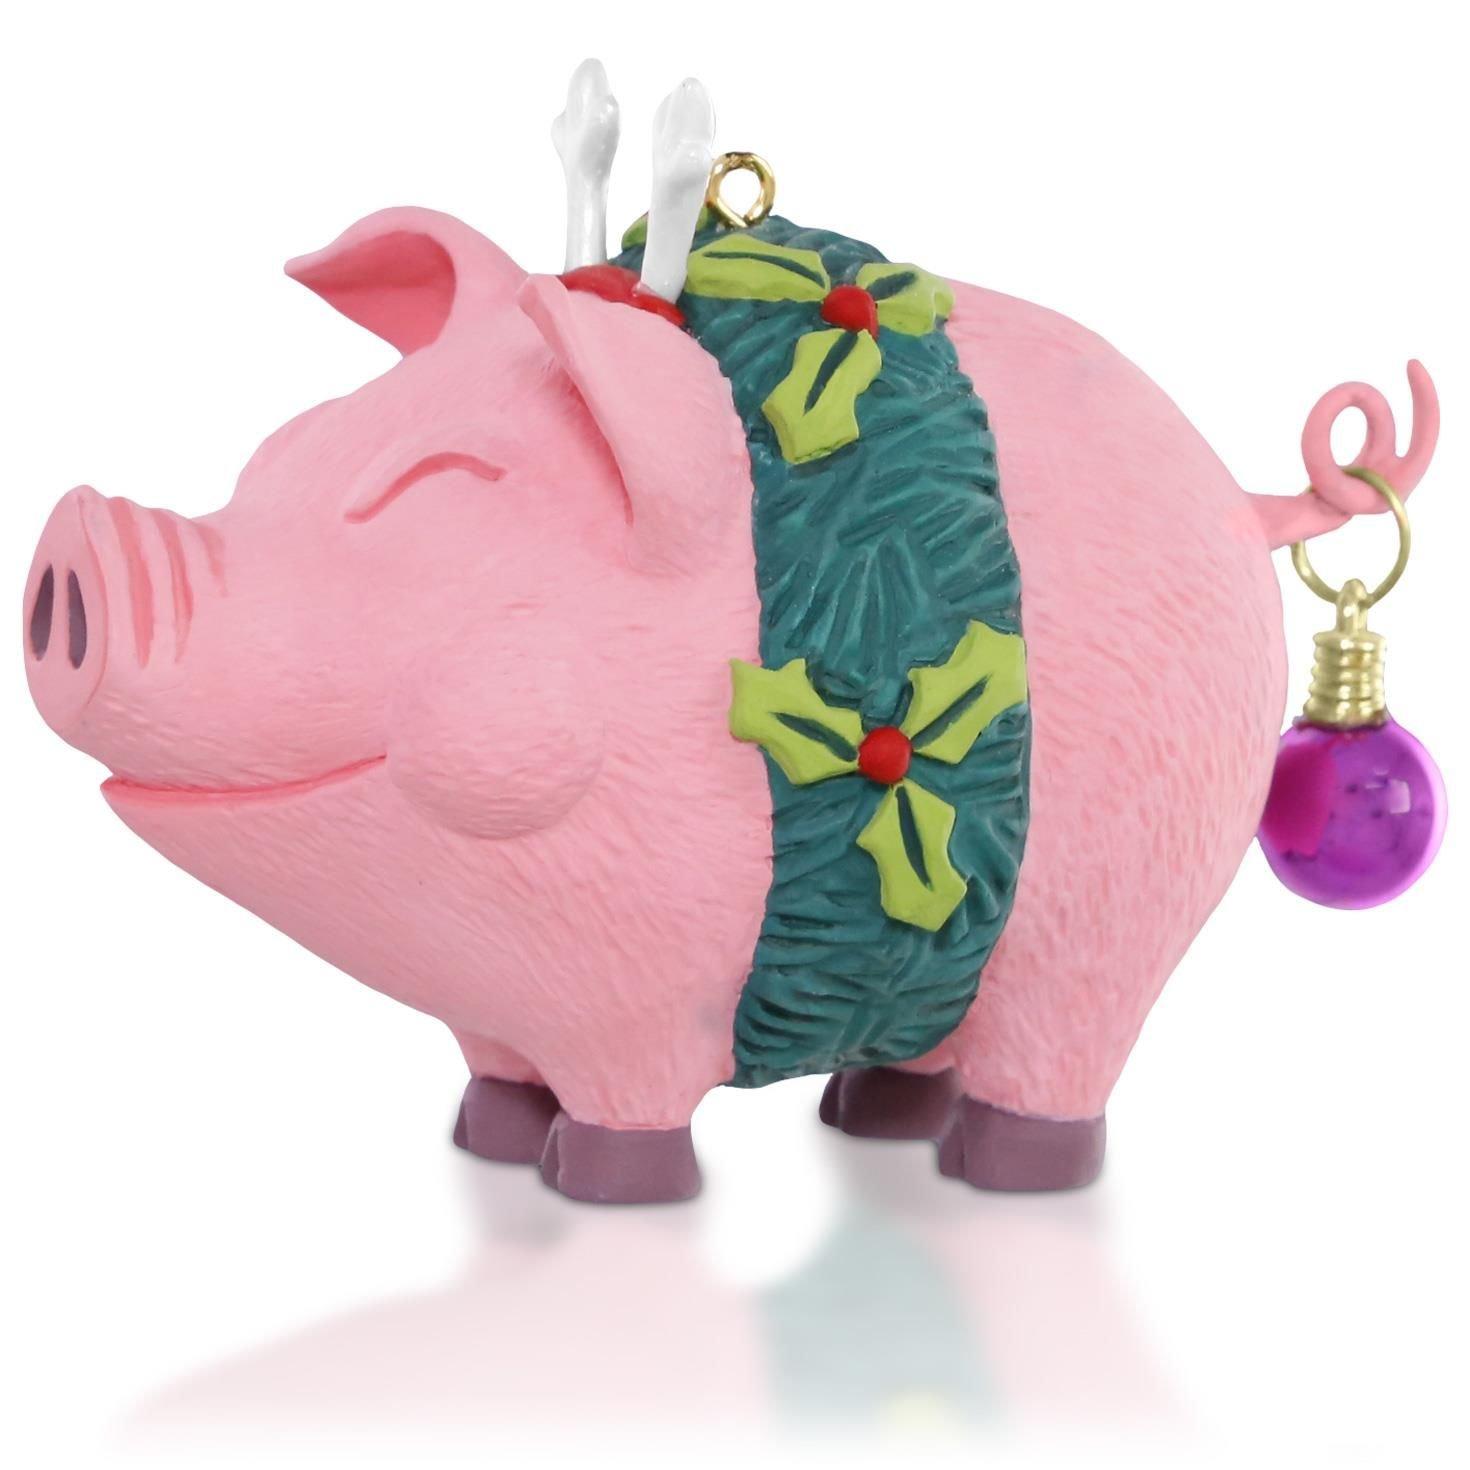 Amazon.com: Deck the Hogs! Christmas Pig Ornament 2015 Hallmark ...